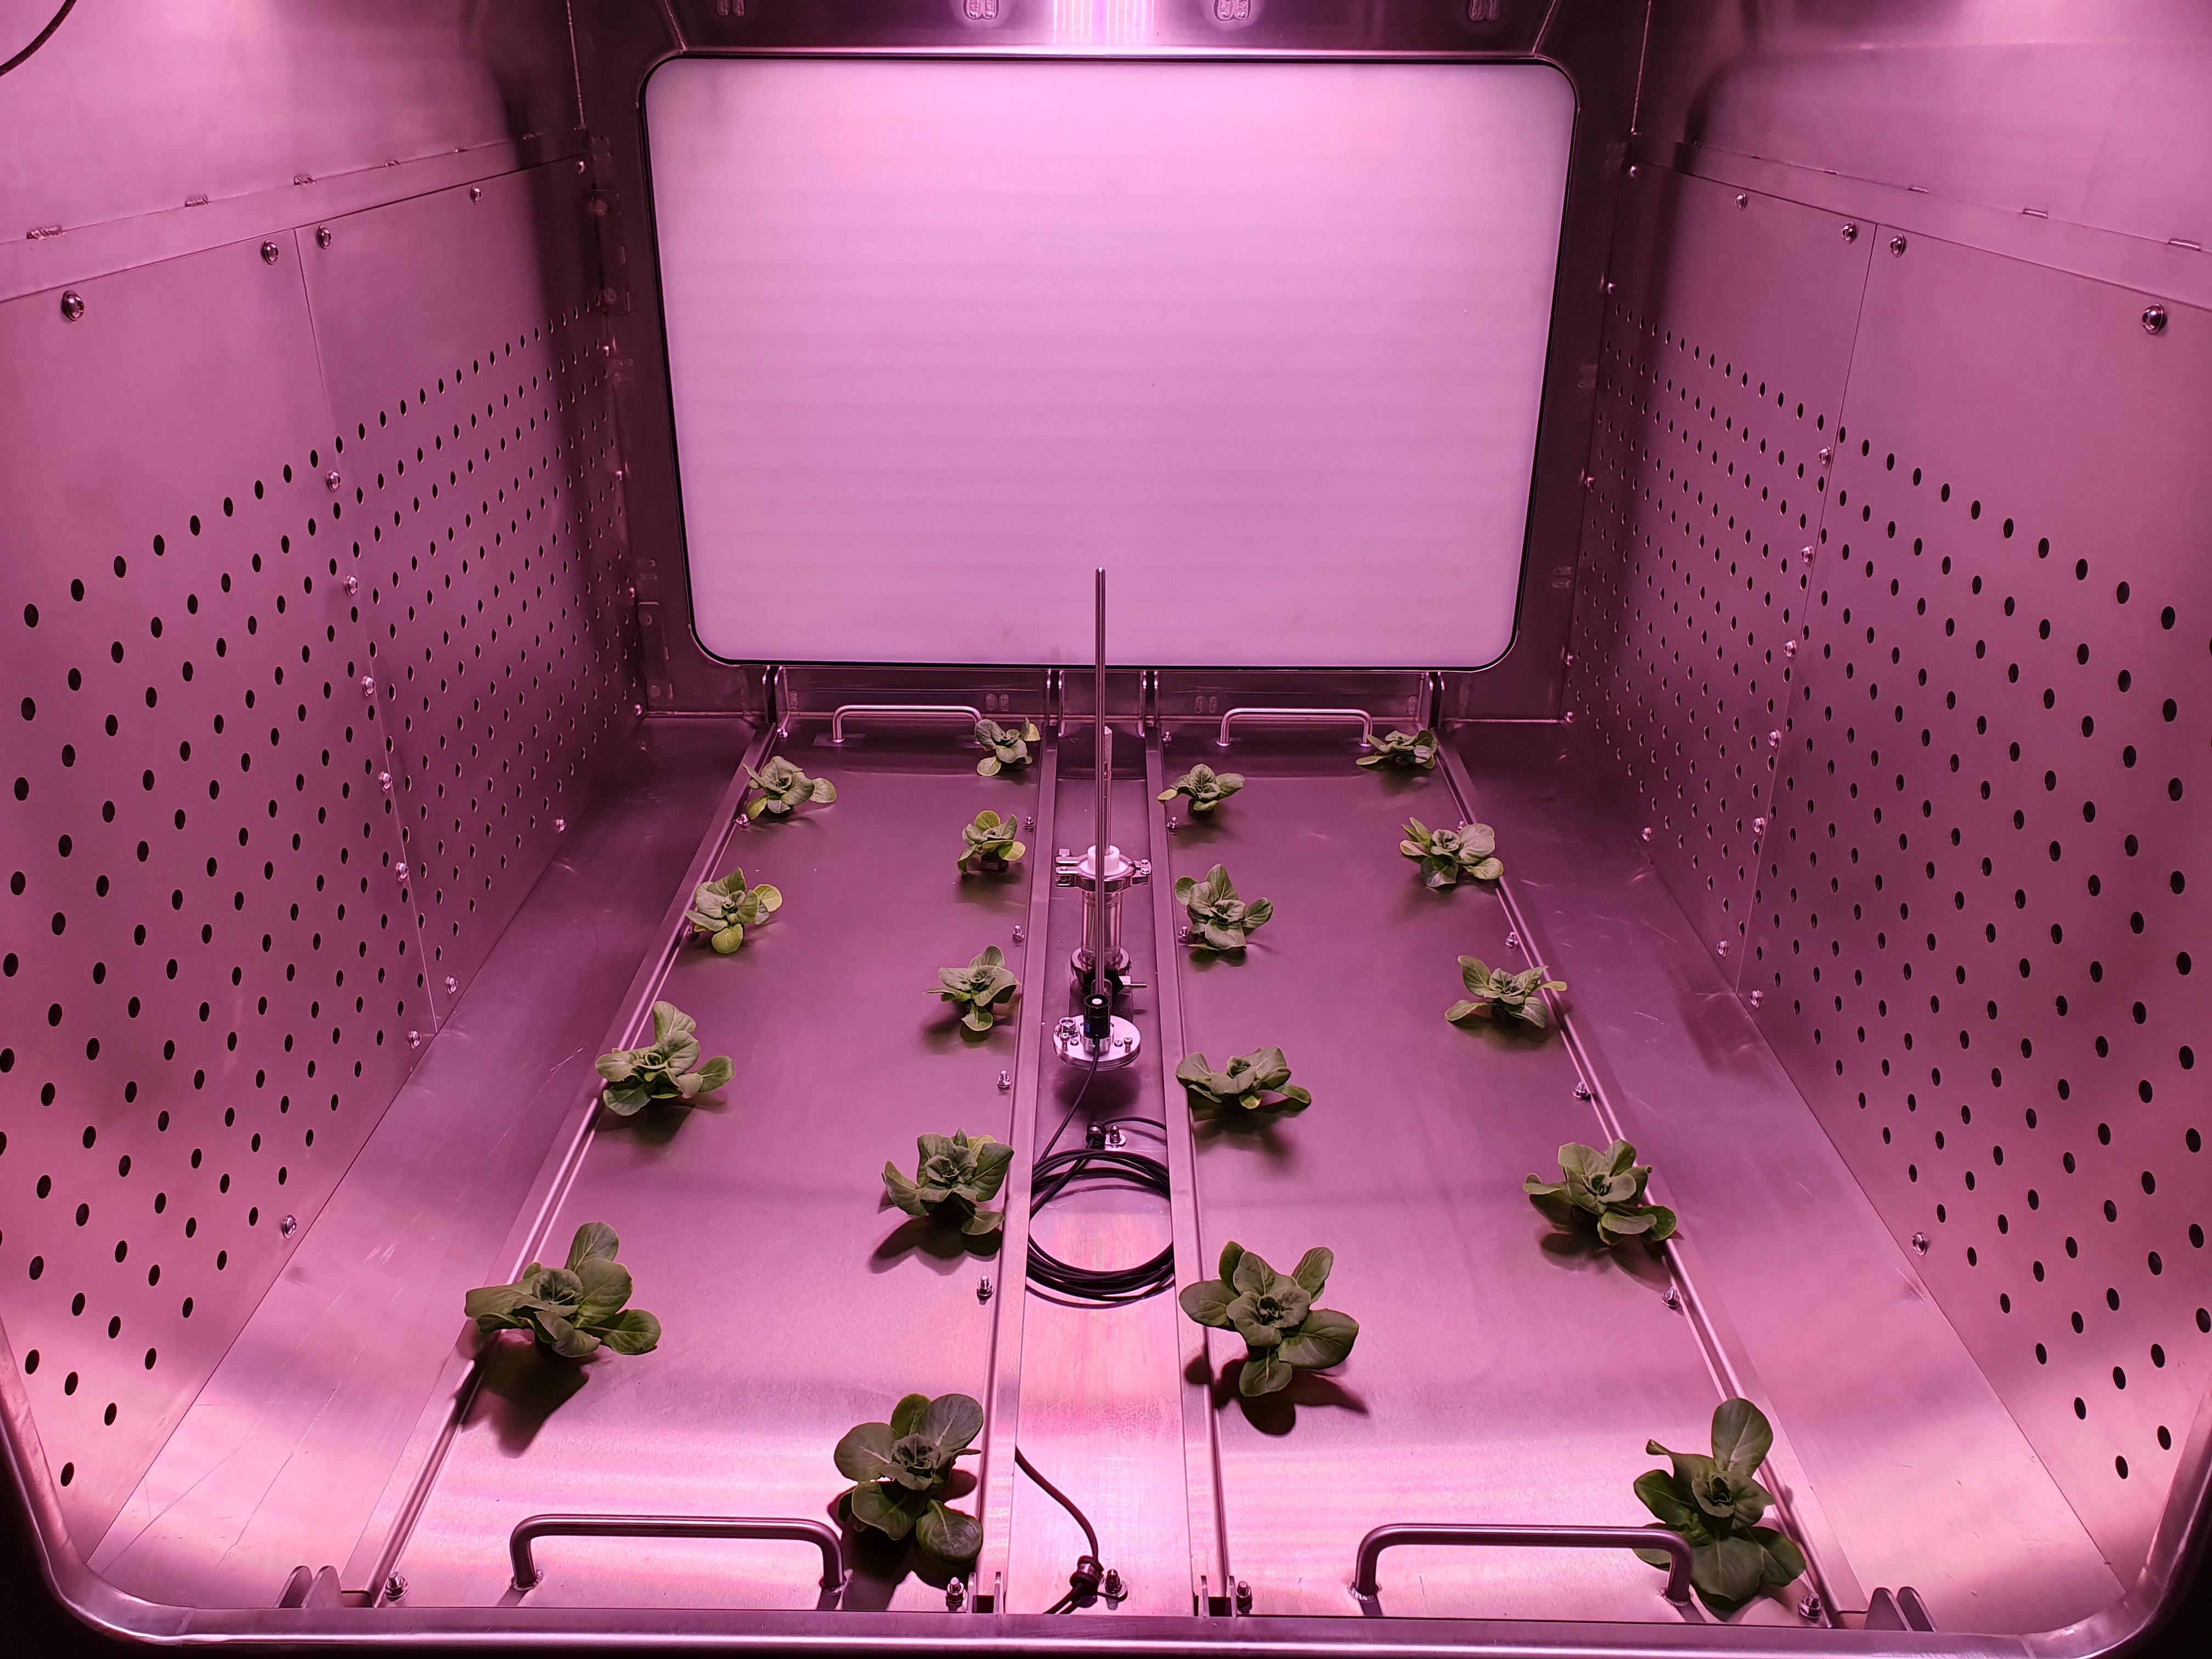 Federico II sempre prima, sempre pioniere. Infatti nasce nel nostro Ateneo il primo laboratorio interamente dedicato alla caratterizzazione delle piante per i sistemi rigenerativi di supporto alla vita. È stato inaugurato [...]